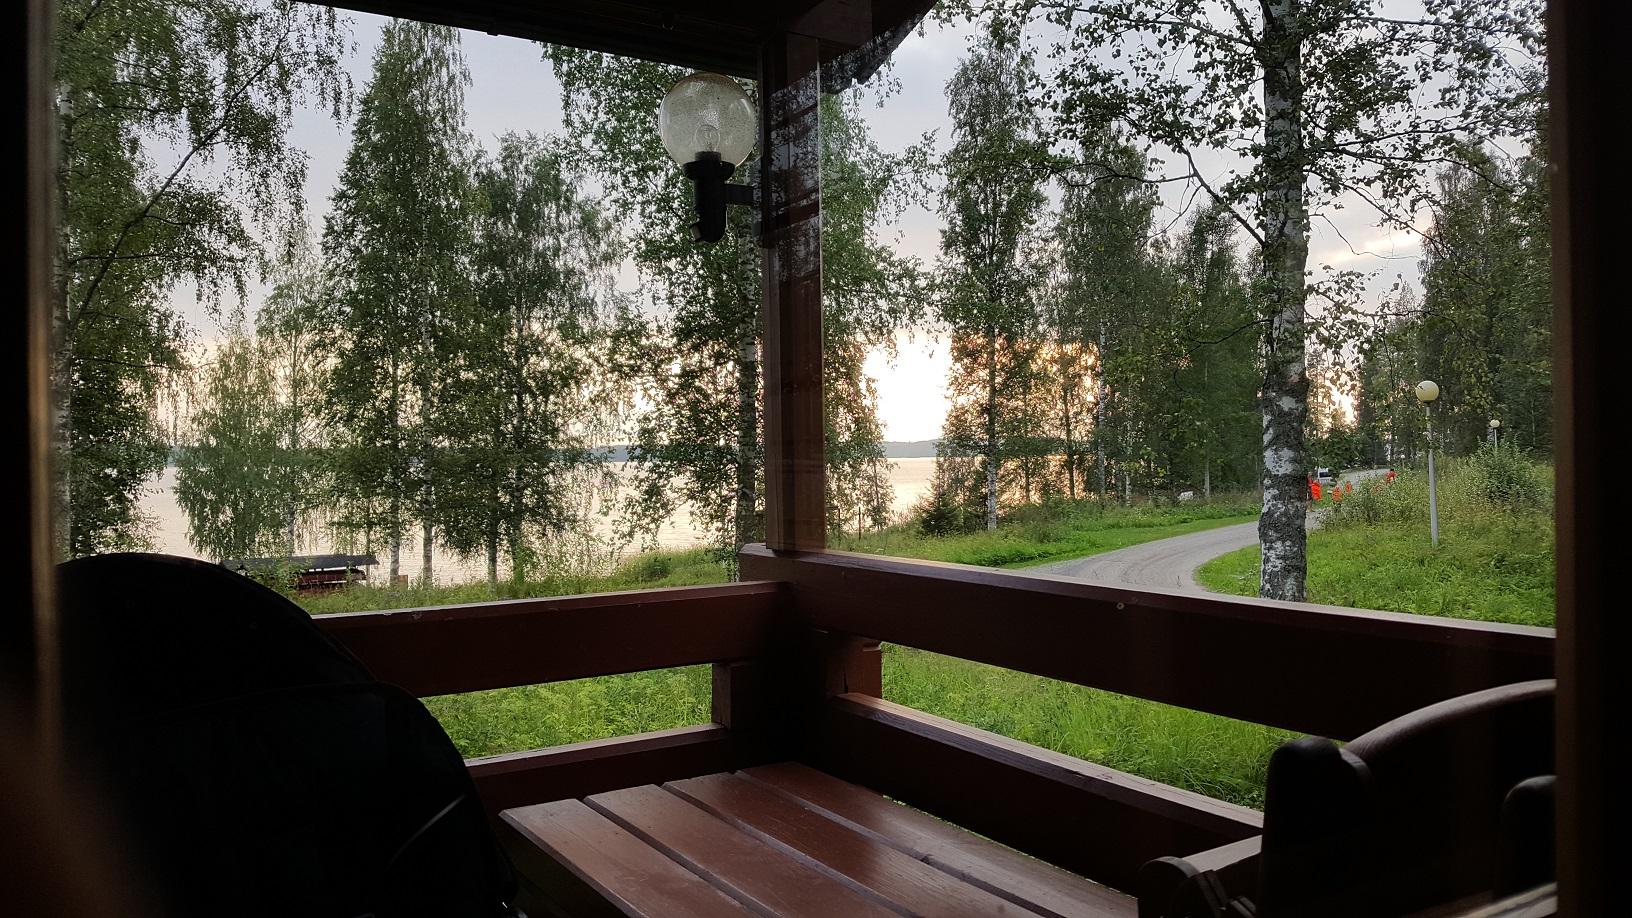 Terrasse mit Ausblick auf finnischen See